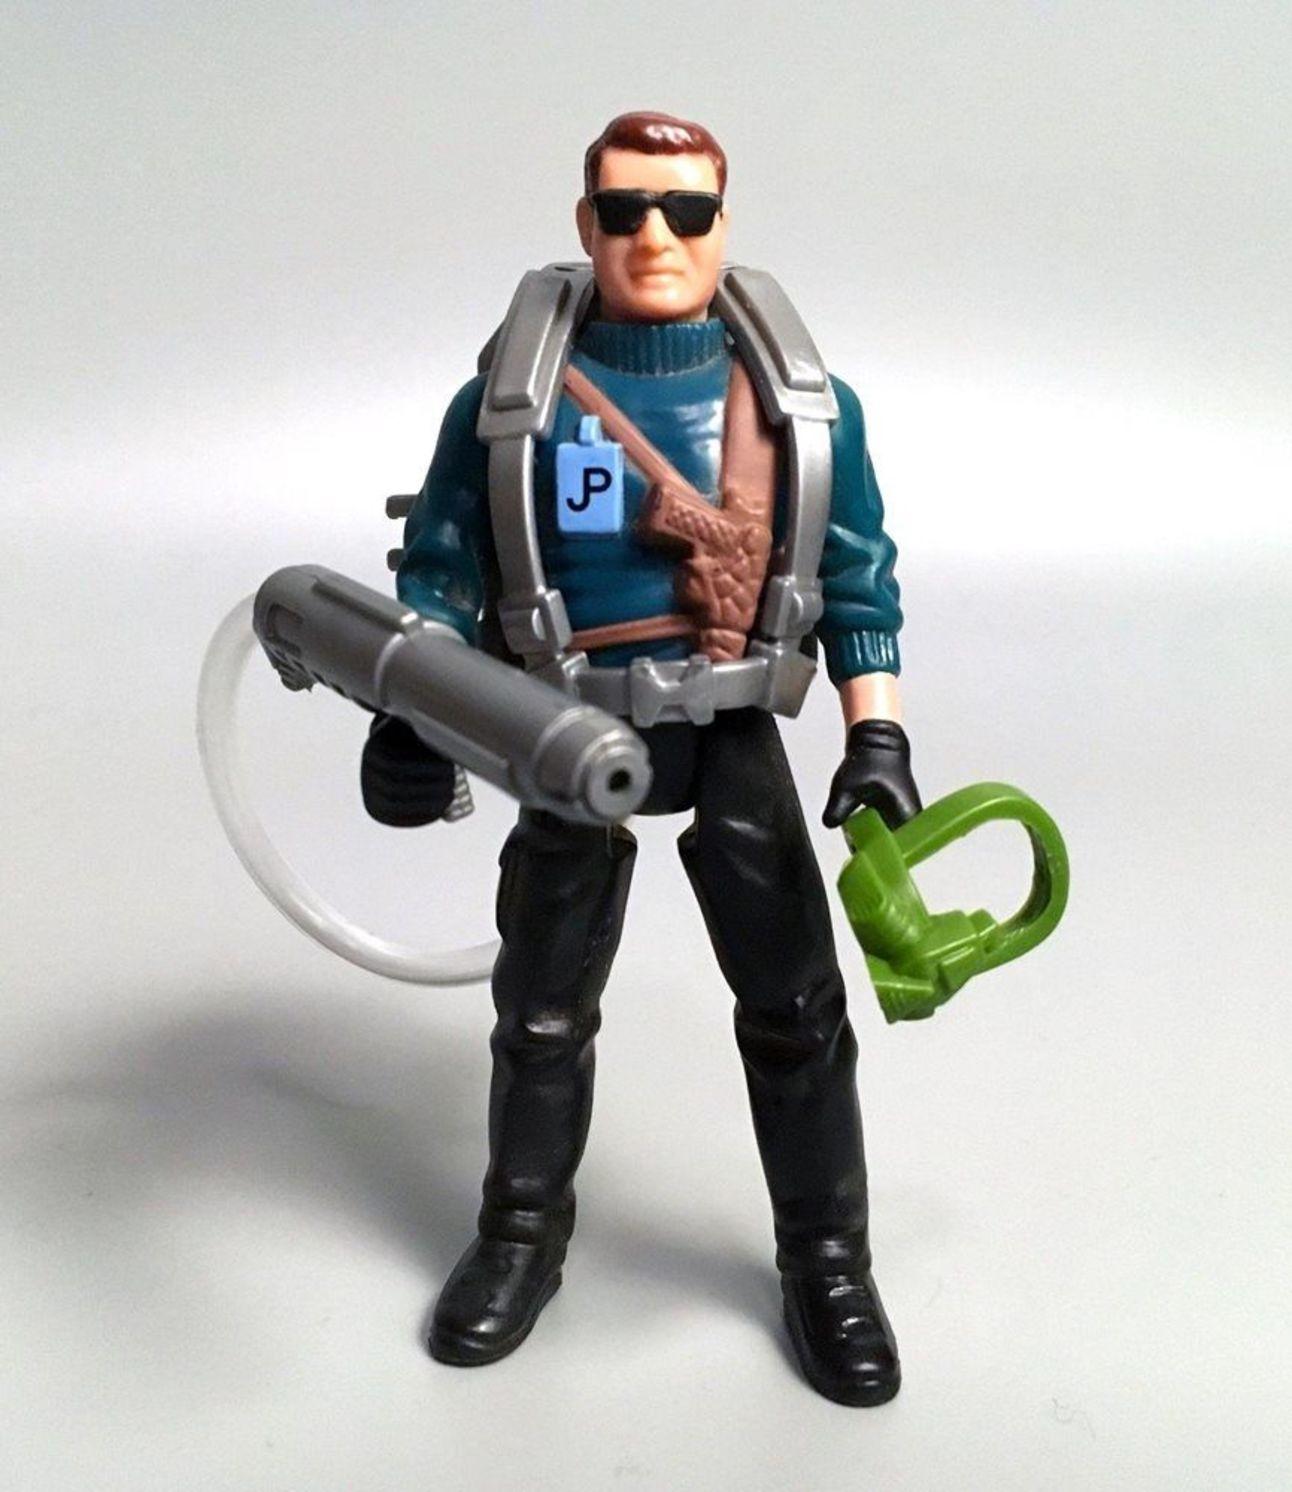 Jurassic Park Dennis Nedry action figure